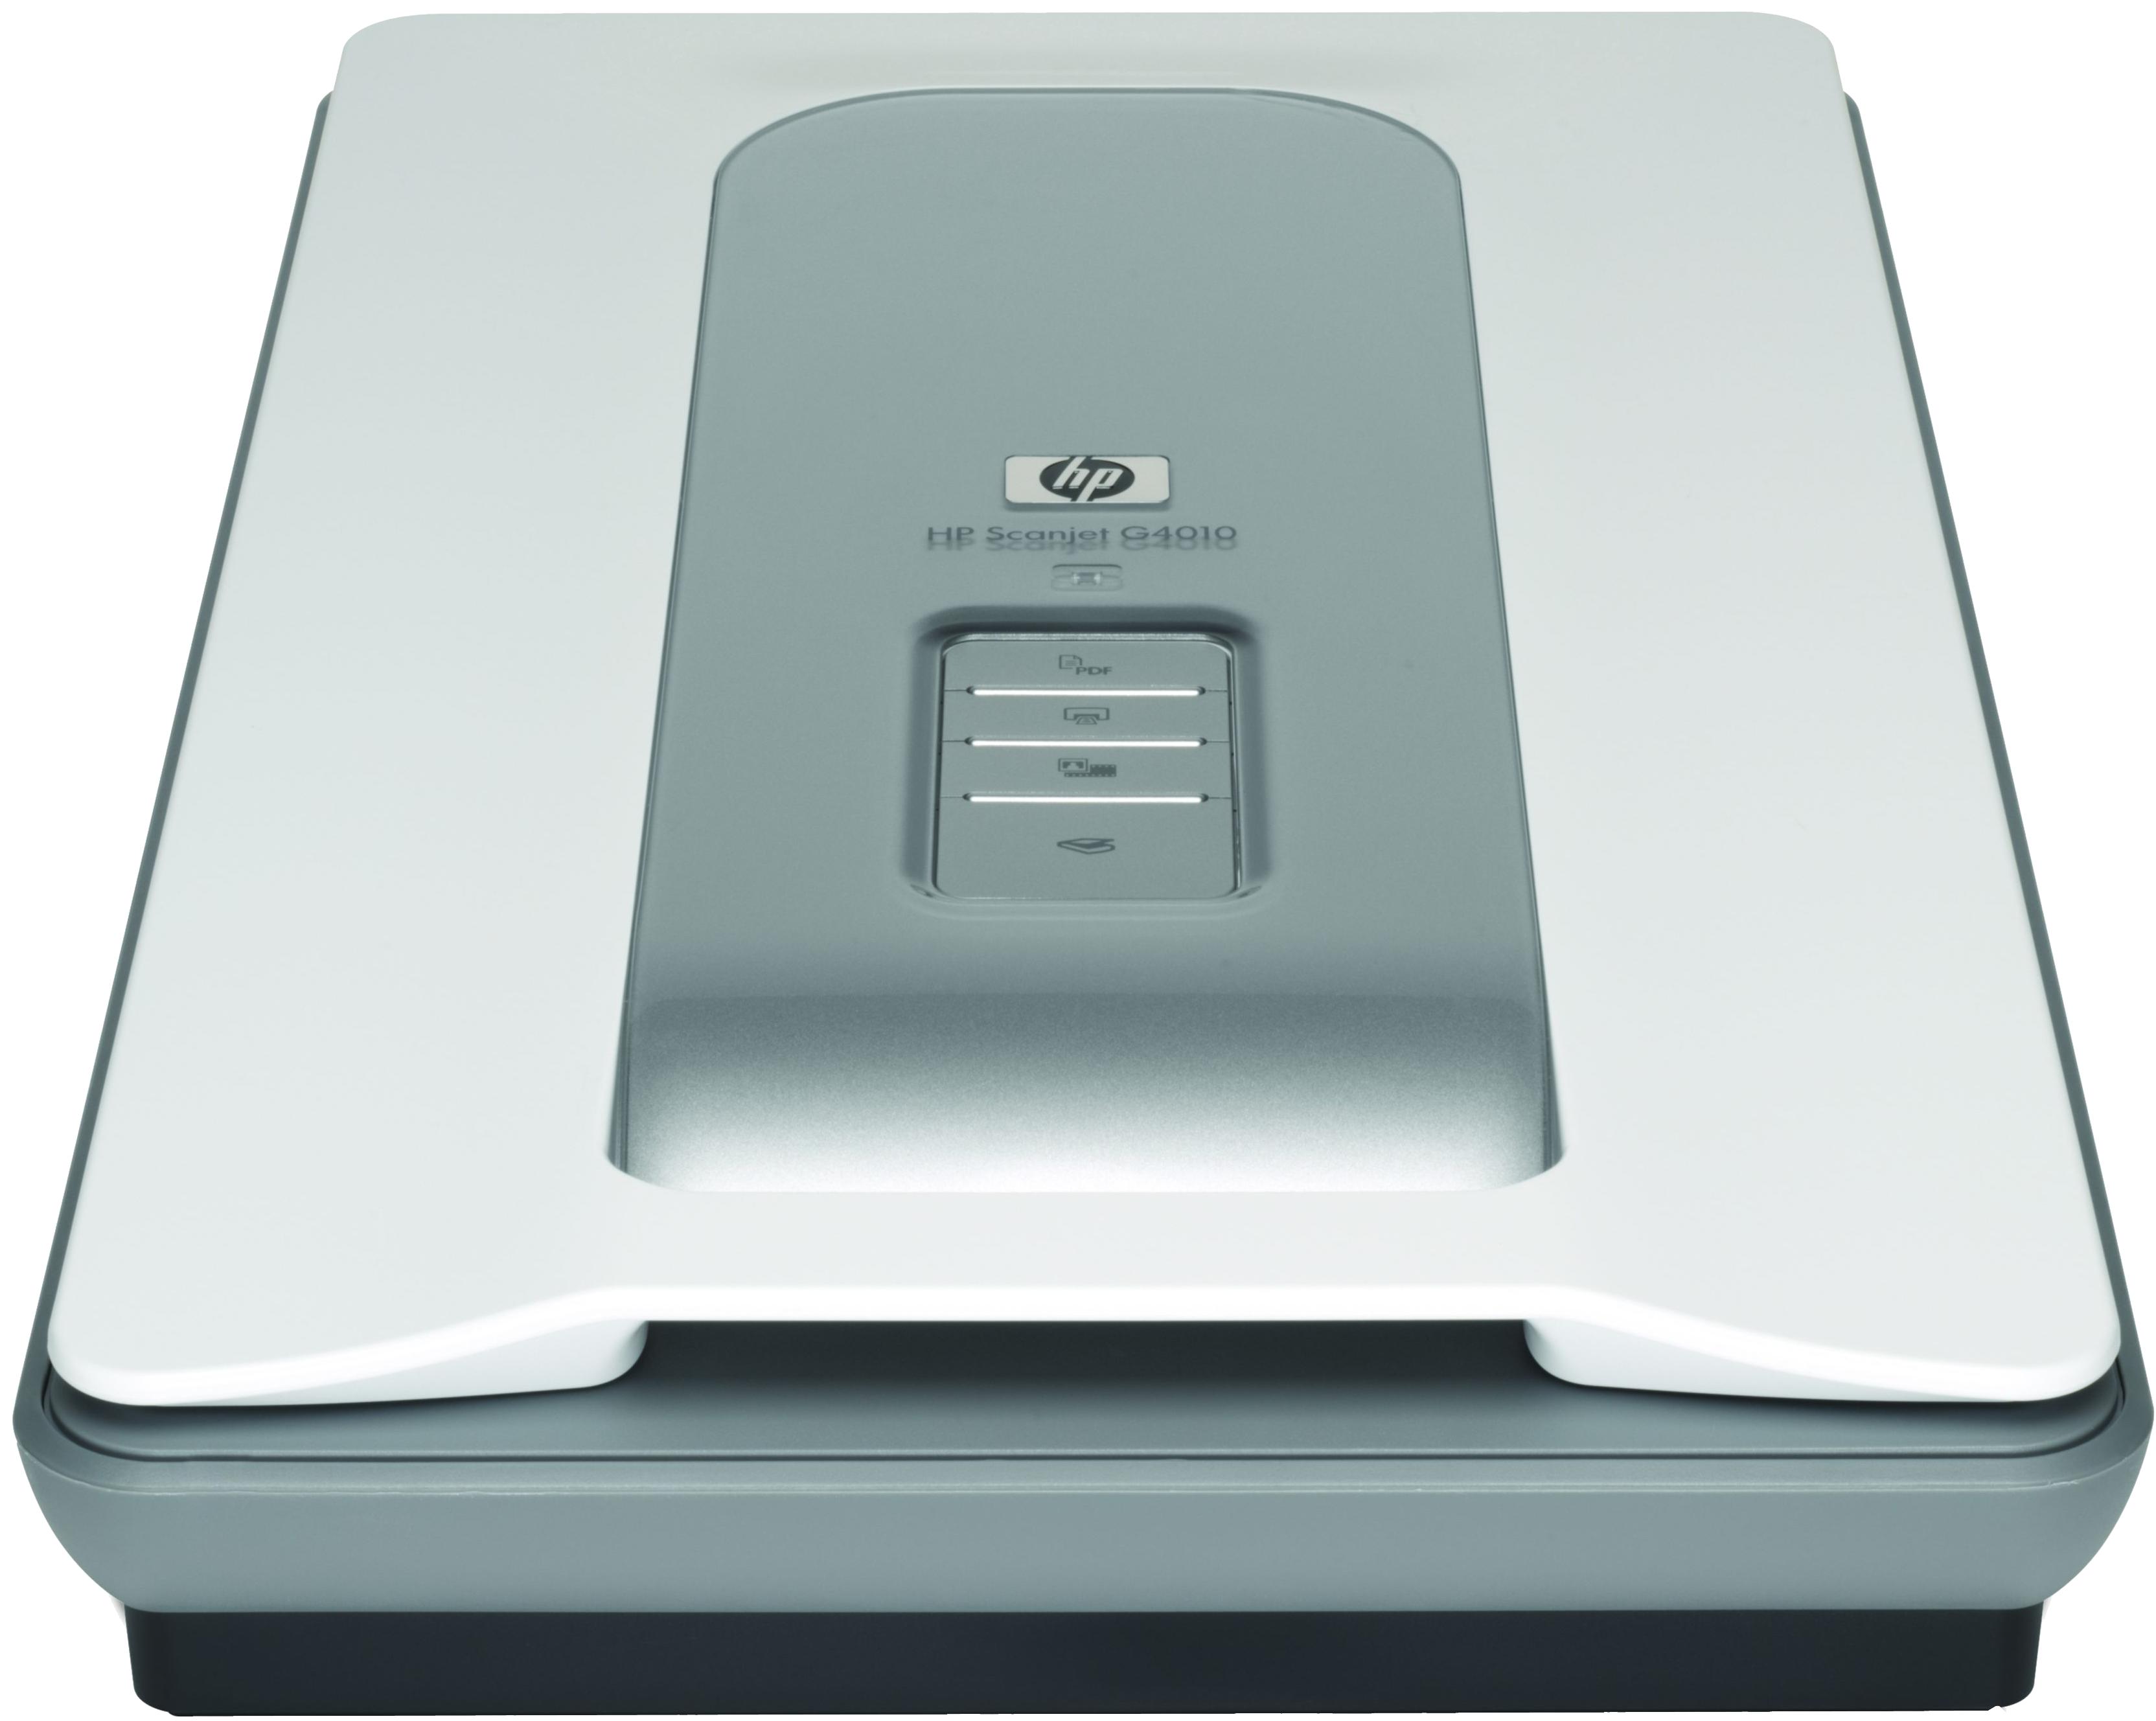 hp photosmart 2610 scan software free download. Black Bedroom Furniture Sets. Home Design Ideas